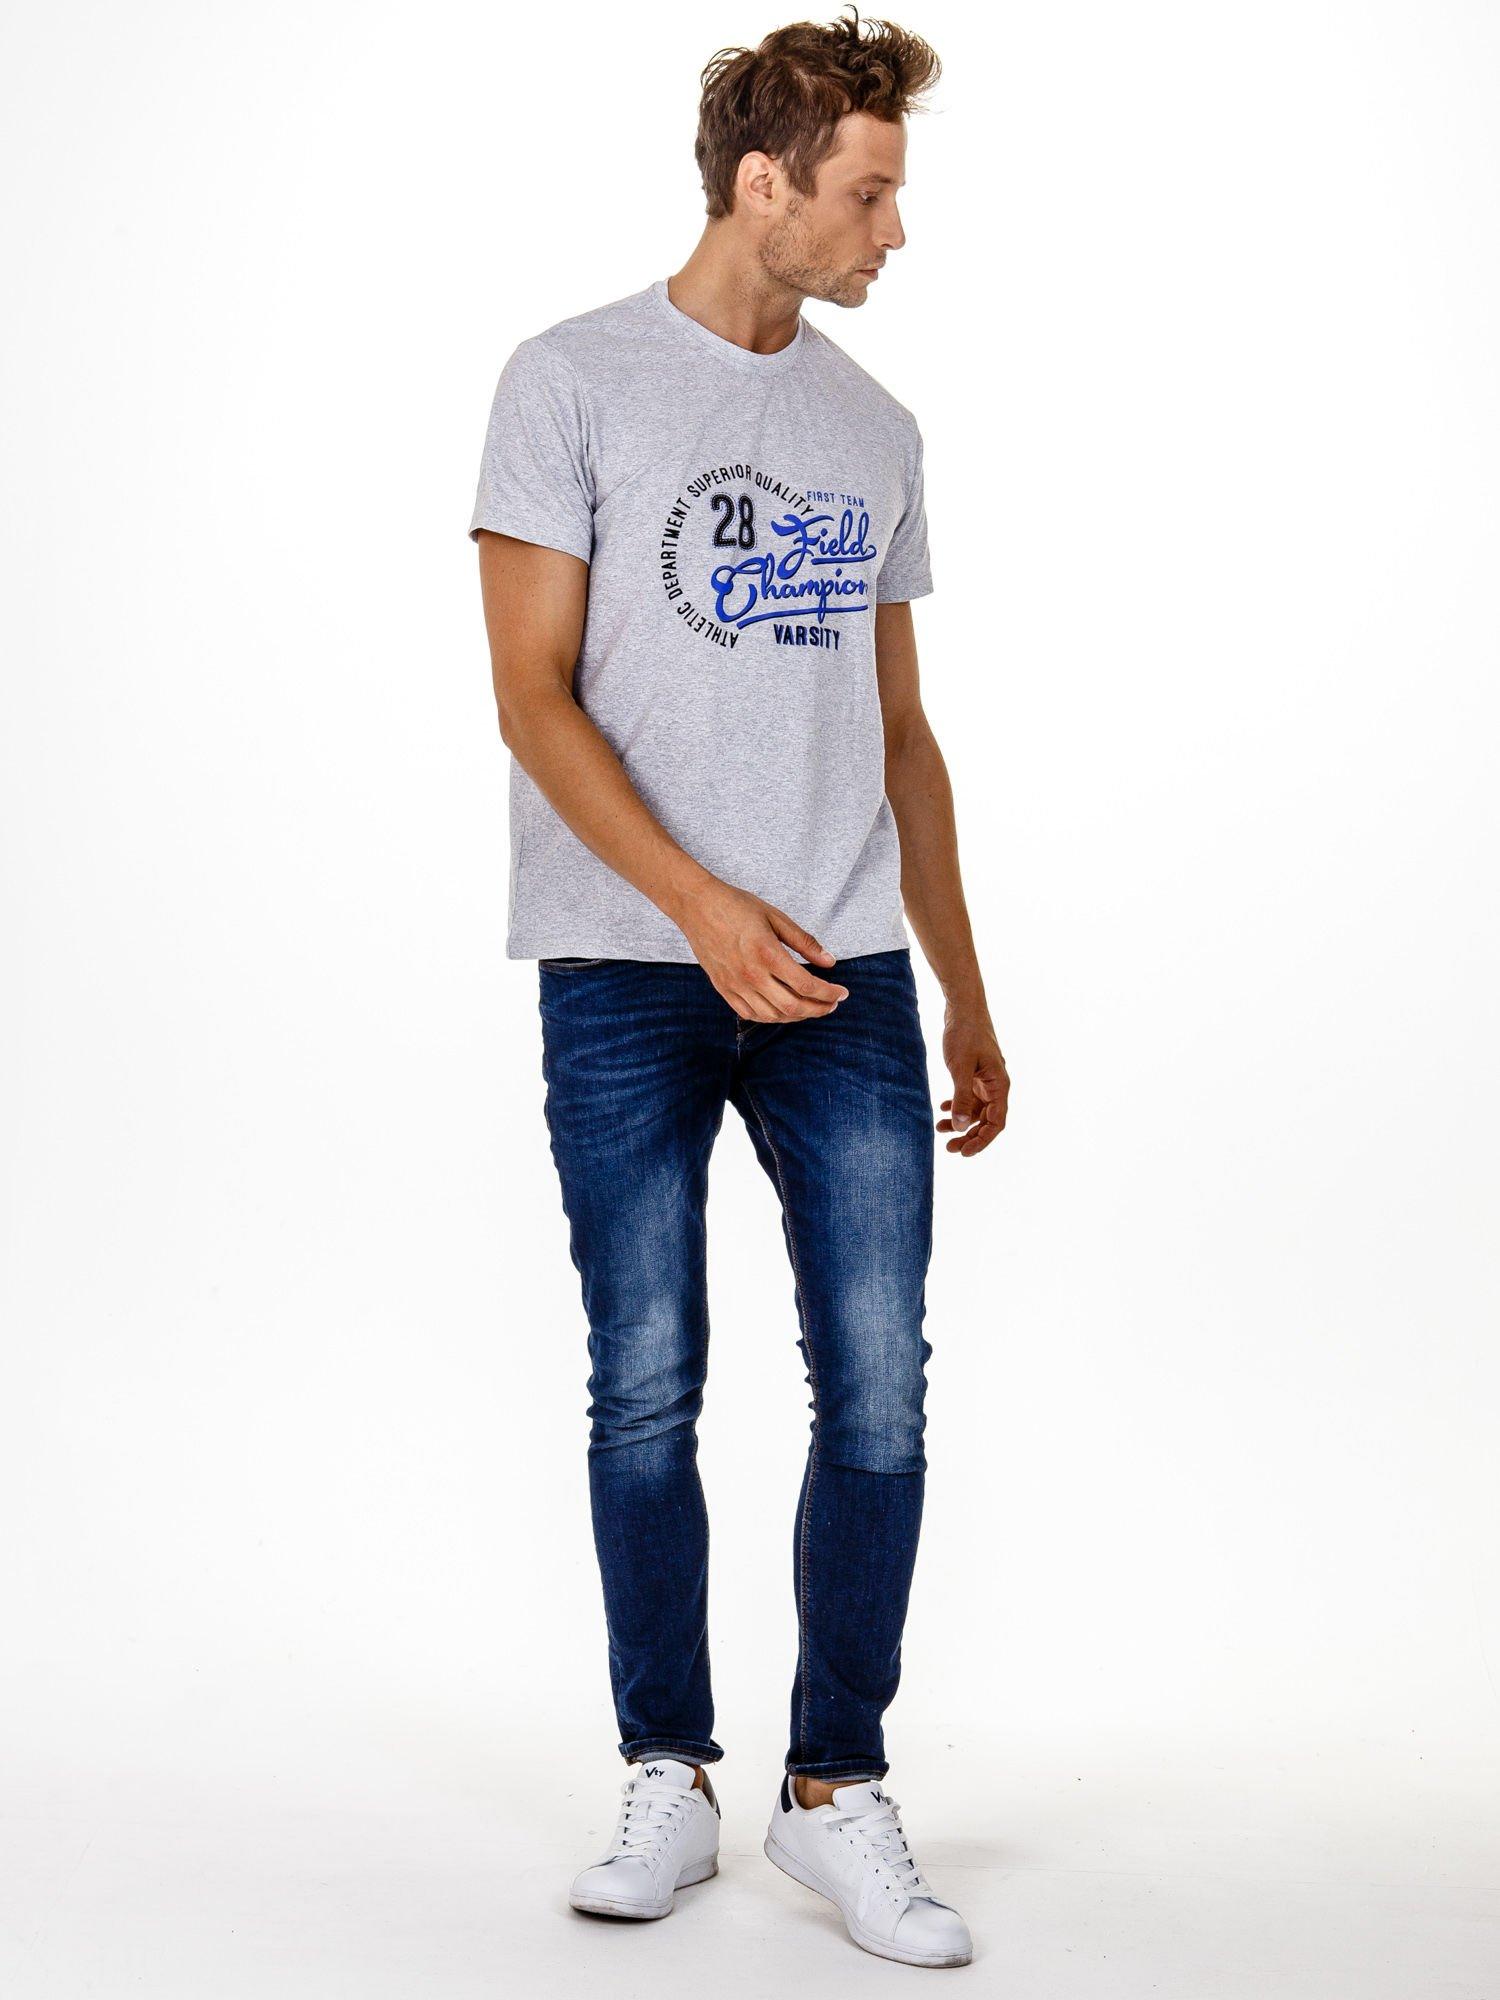 Szary t-shirt męski z napisem CHAMPION i liczbą 28                                  zdj.                                  4